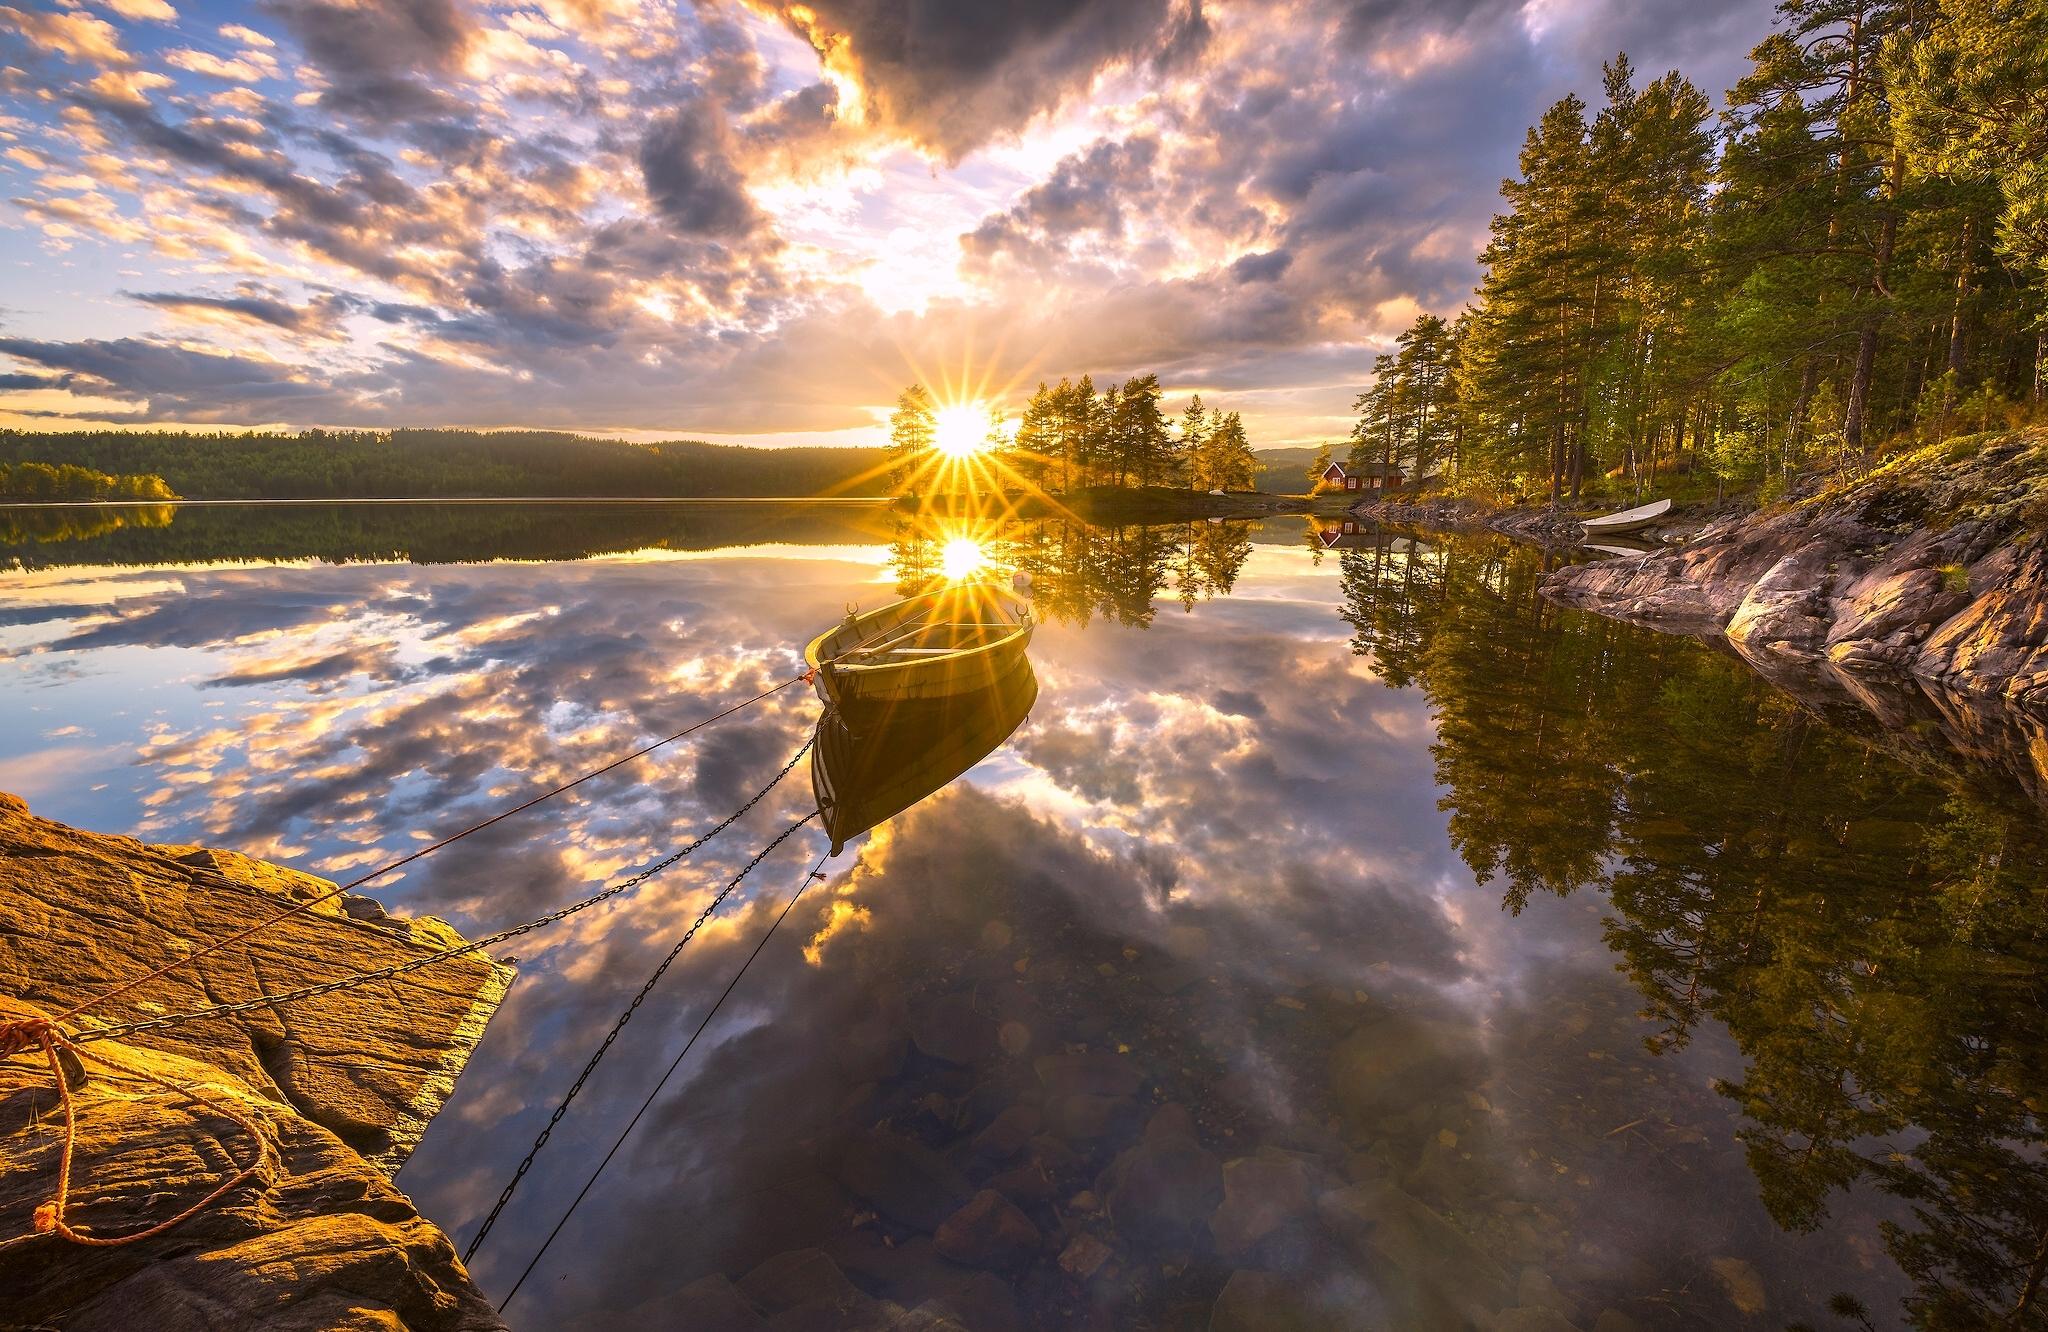 На лодке в горном озере  № 3062452 без смс